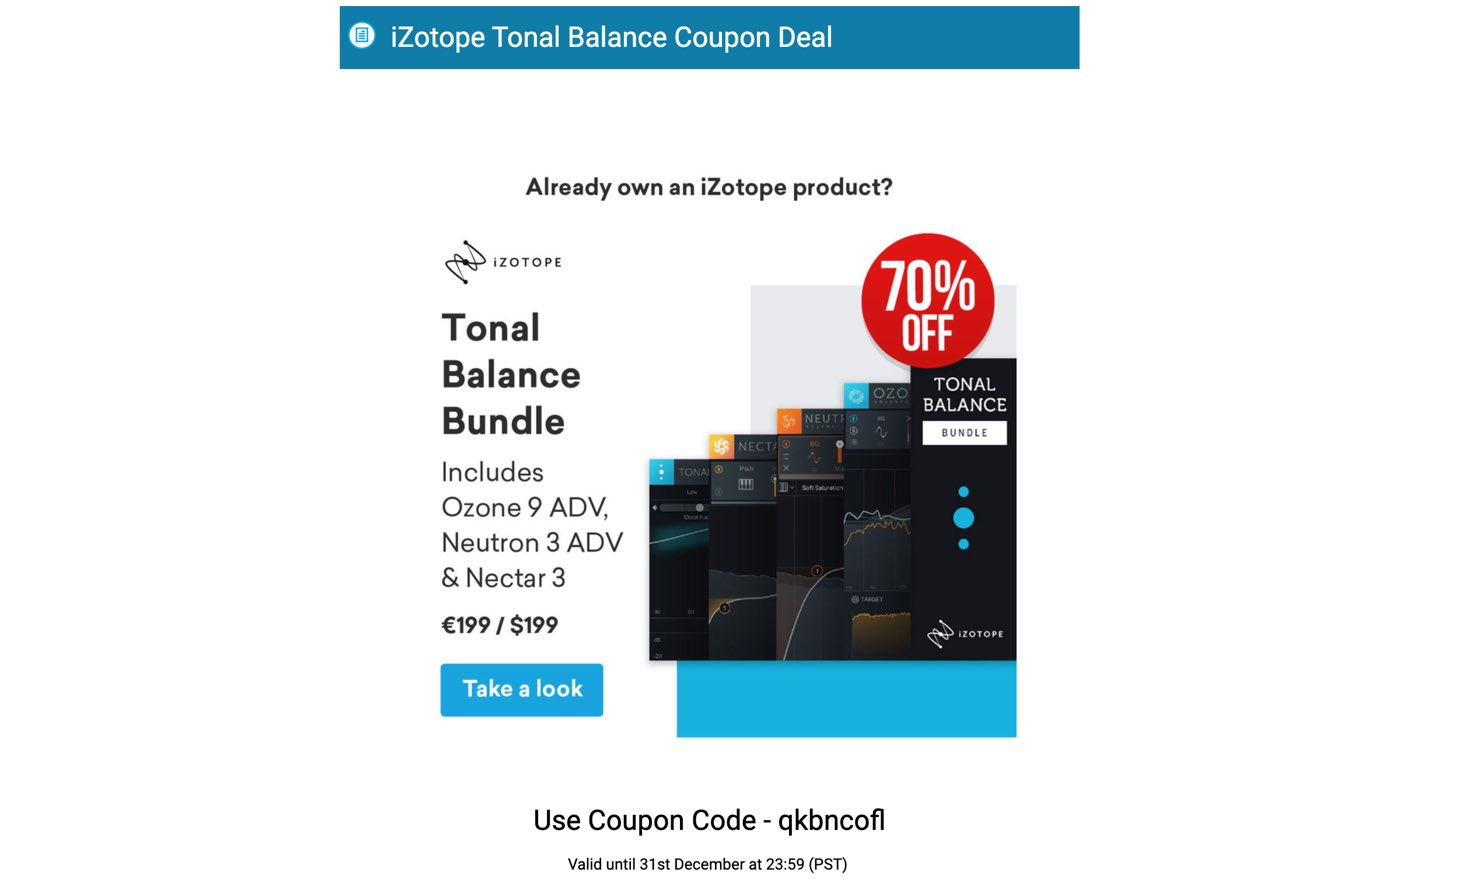 iZotope Tonal Balance Coupon Deal